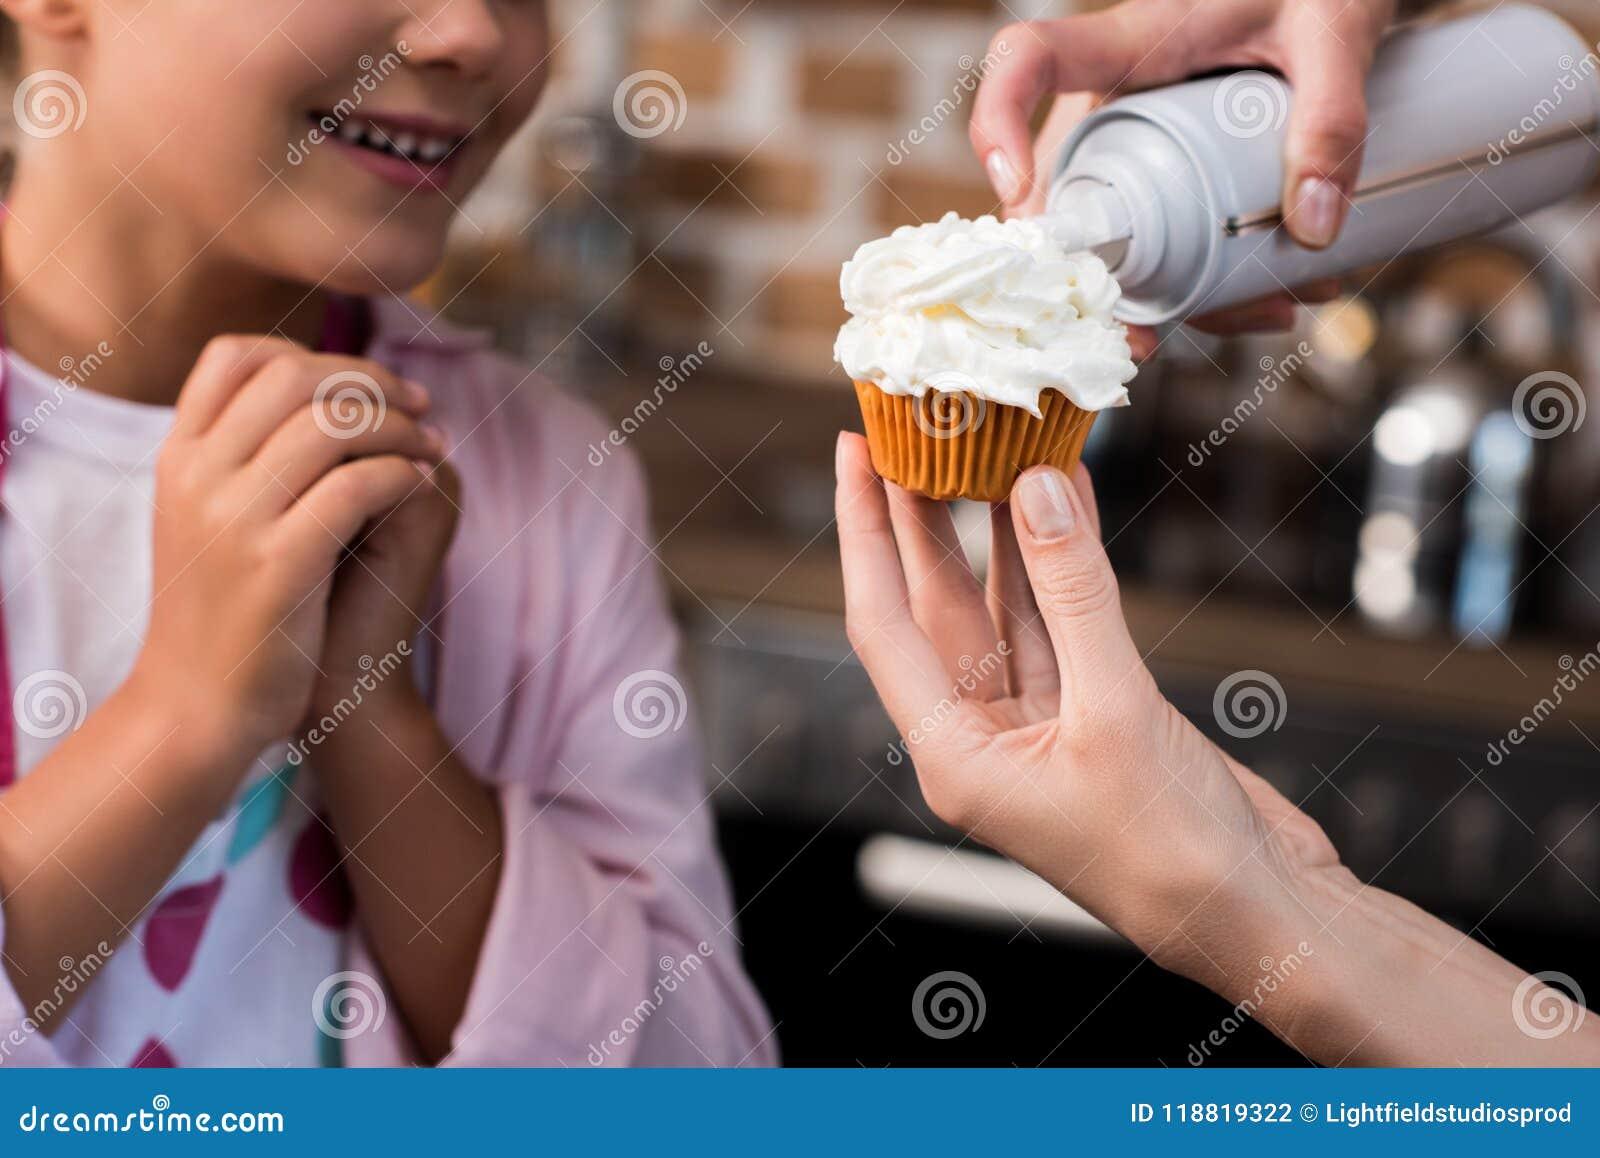 Foco seletivo da mulher que põe o buttercream sobre o queque quando posição da filha